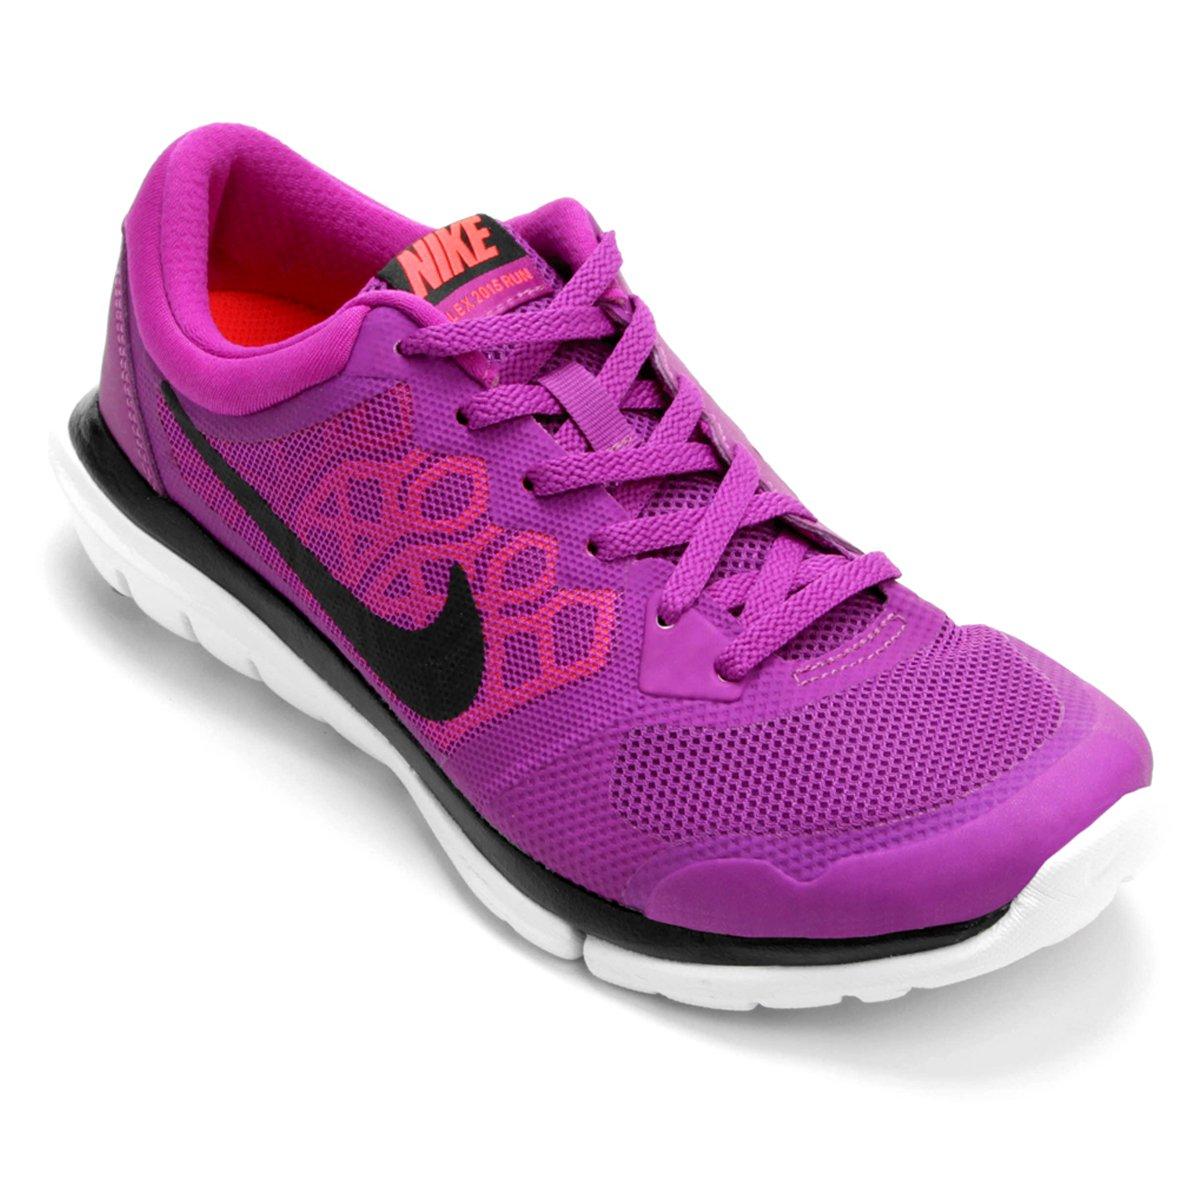 4e2547bf684 Tênis Nike Flex 2015 RN MSL Feminino - Compre Agora